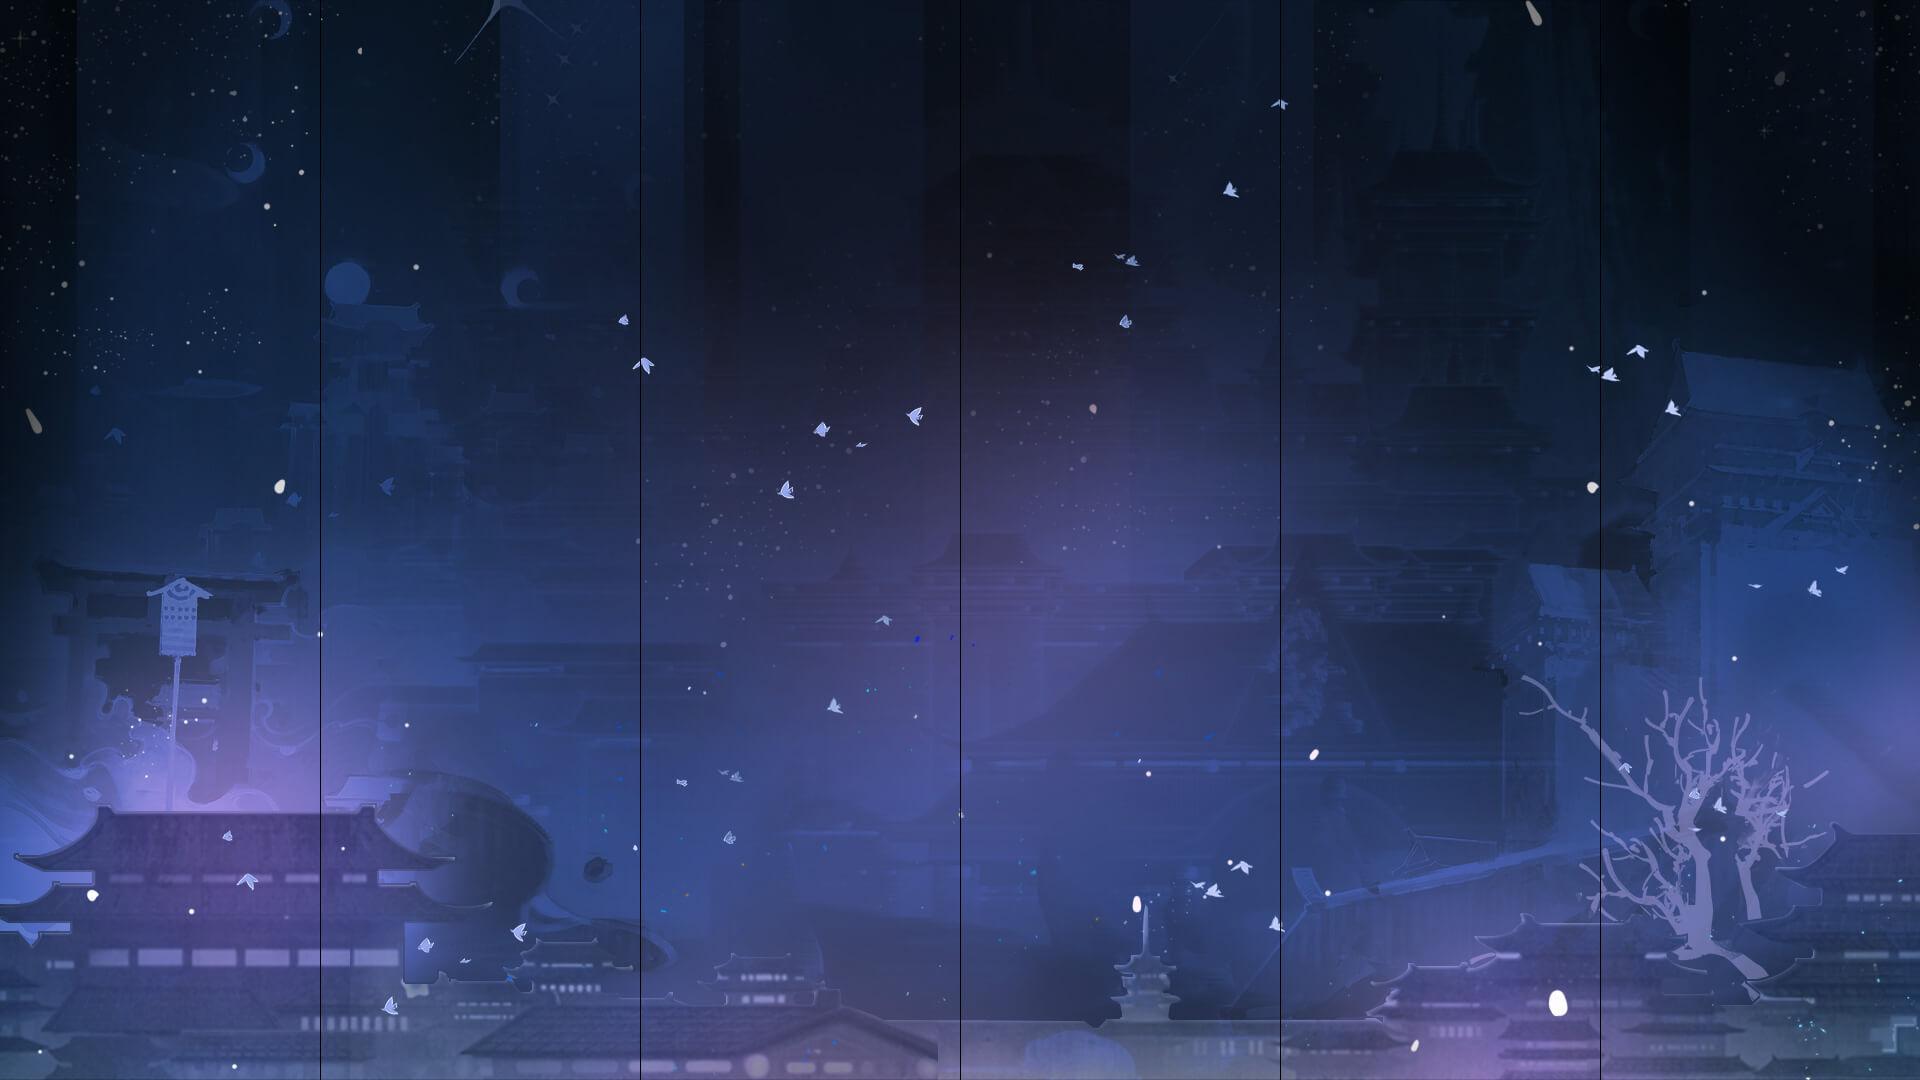 四相琉璃_背景图3